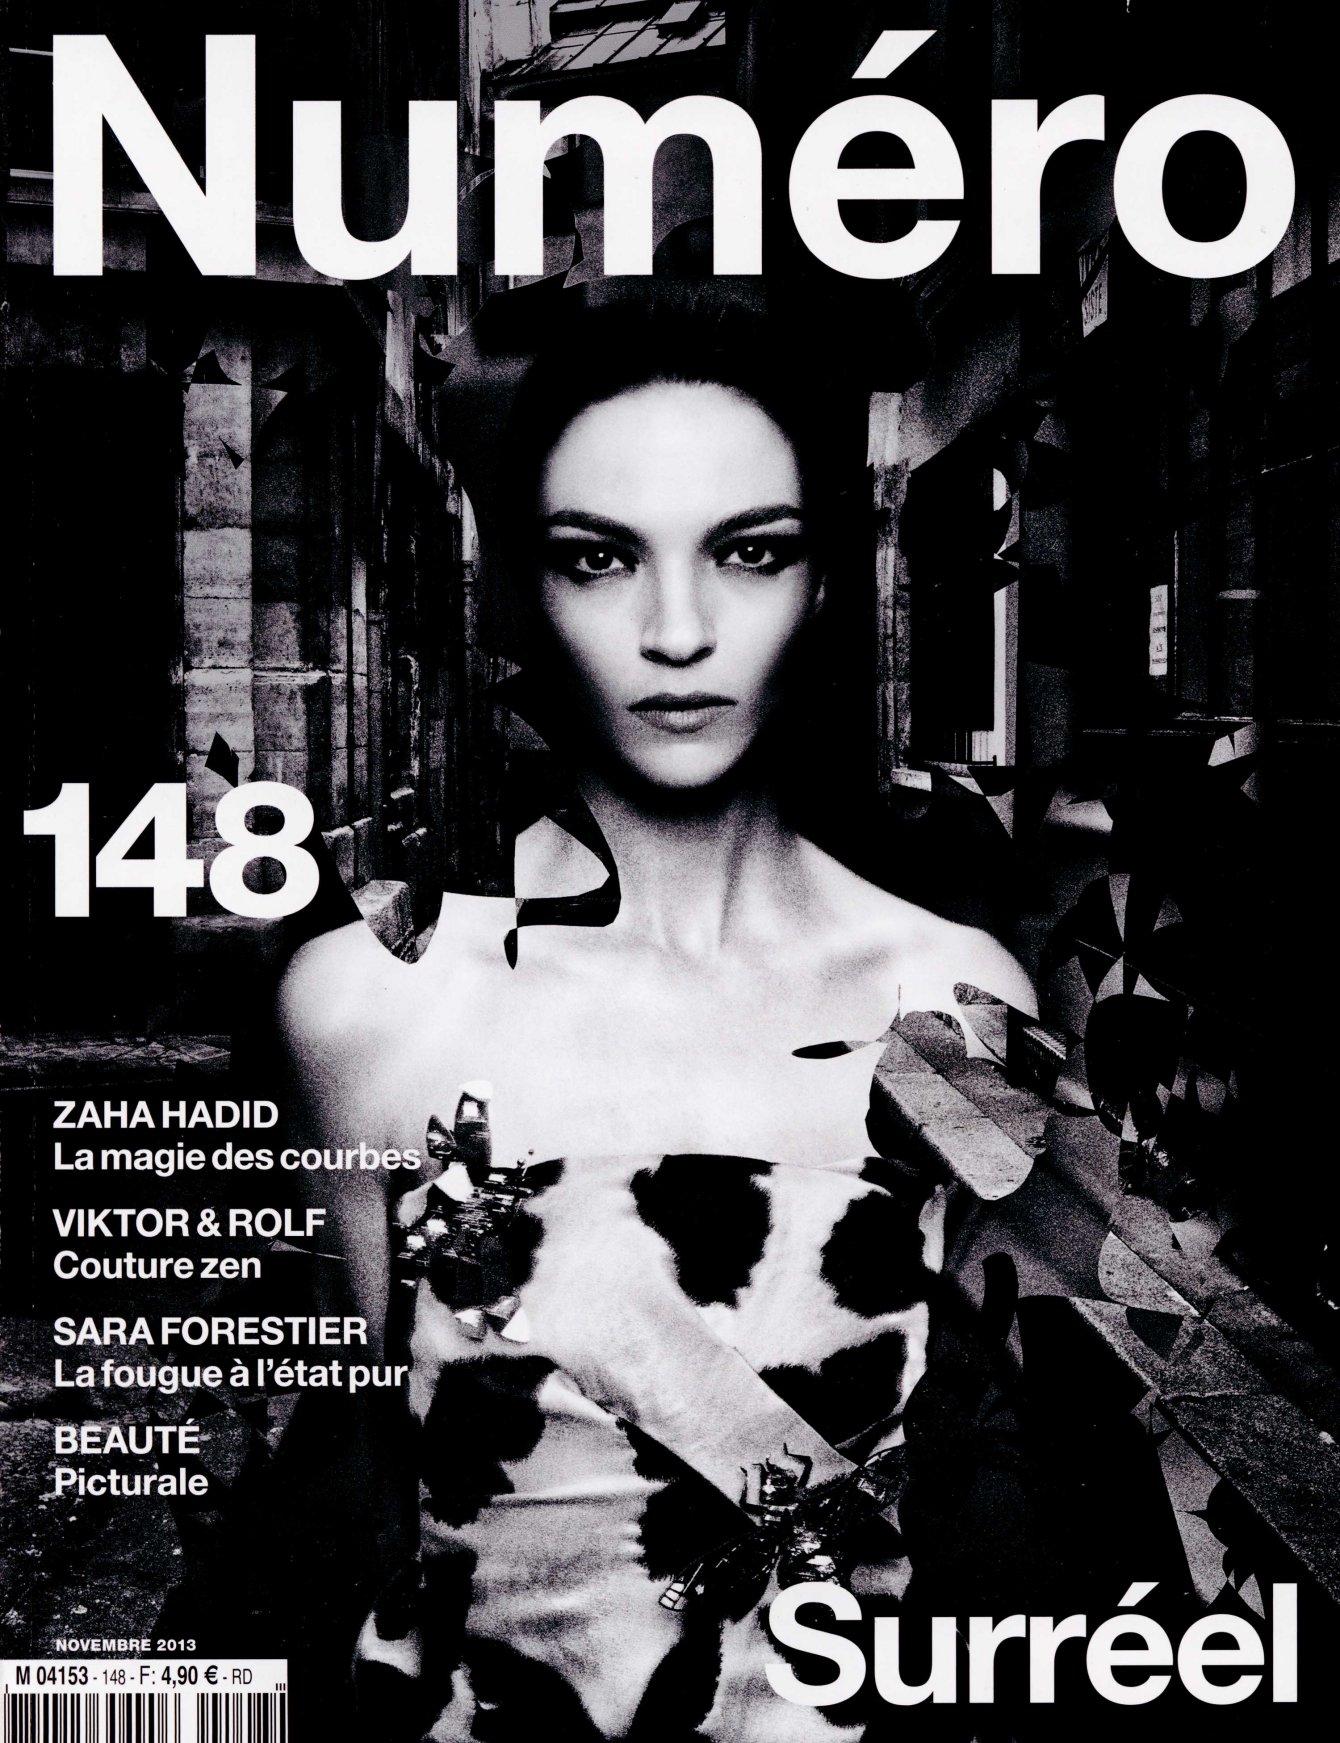 NUMERO nov 13 IRIS VAN HERPEN cover